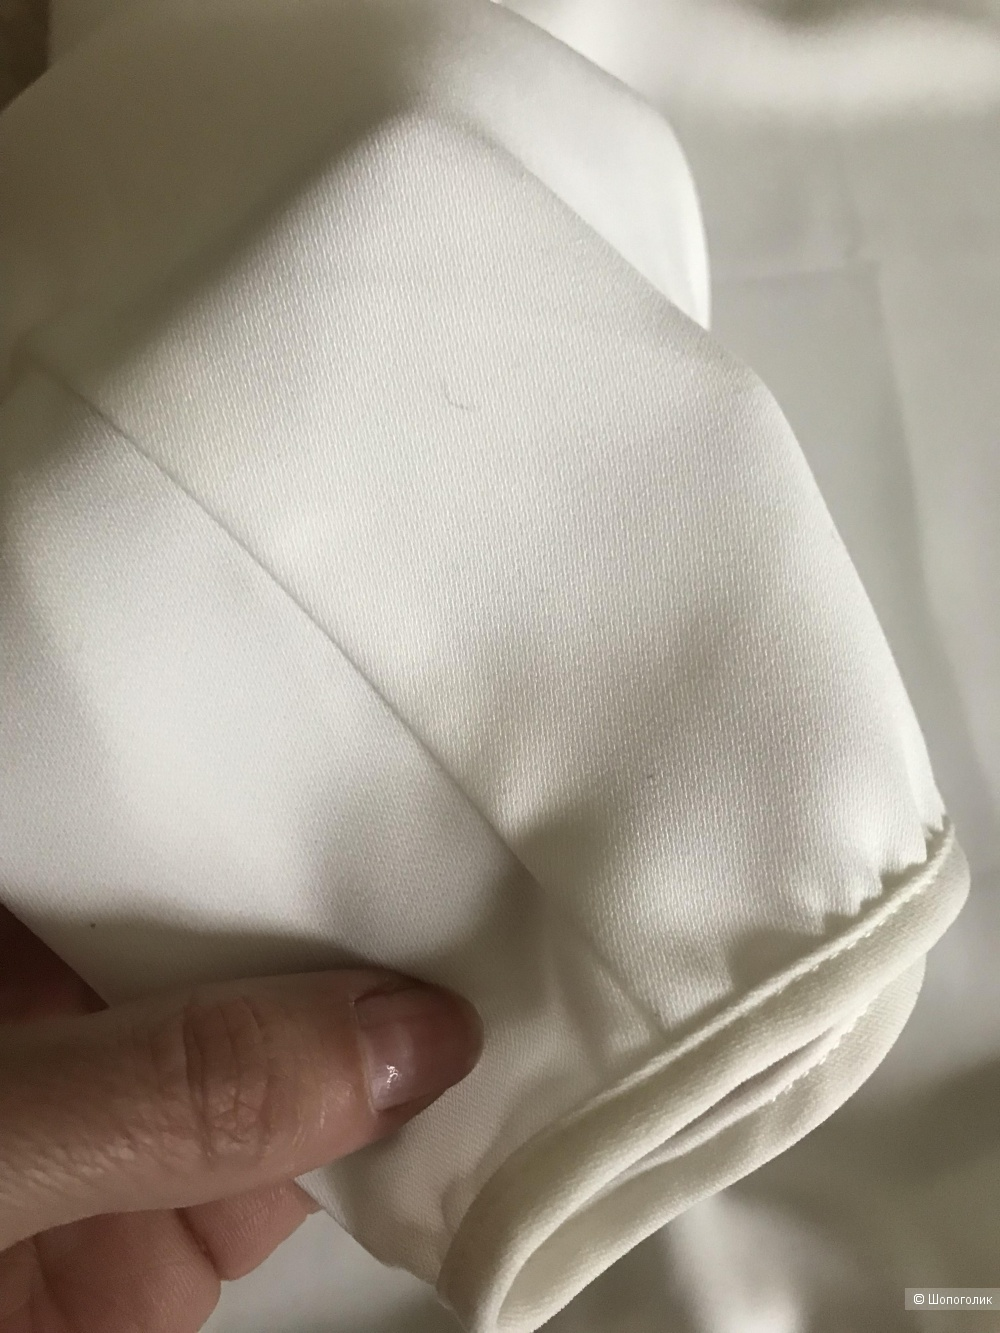 Блузка I.Scenery, на размер от 46 до 52